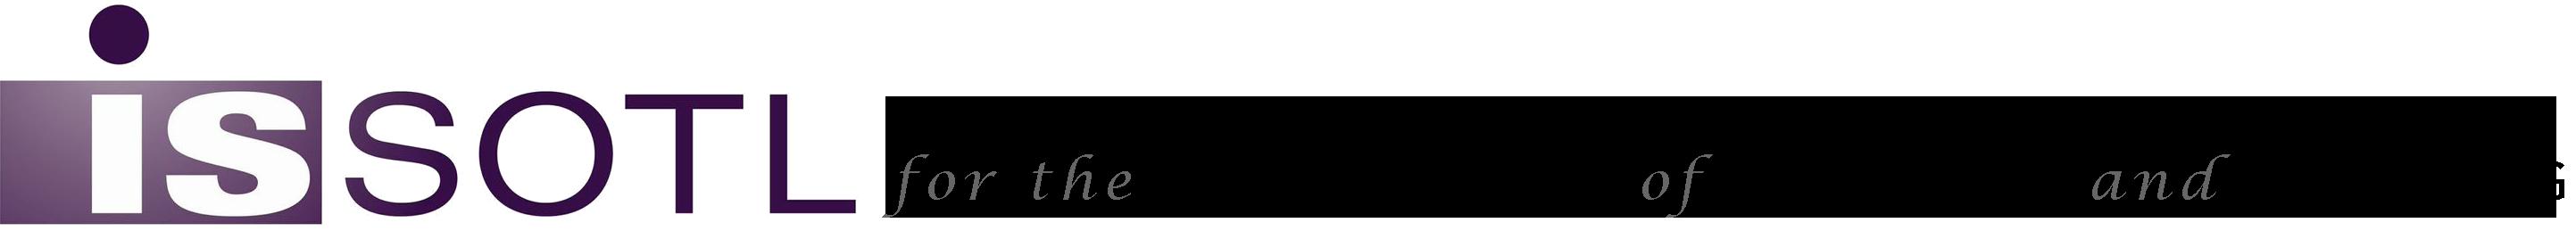 ISSOTL 2018